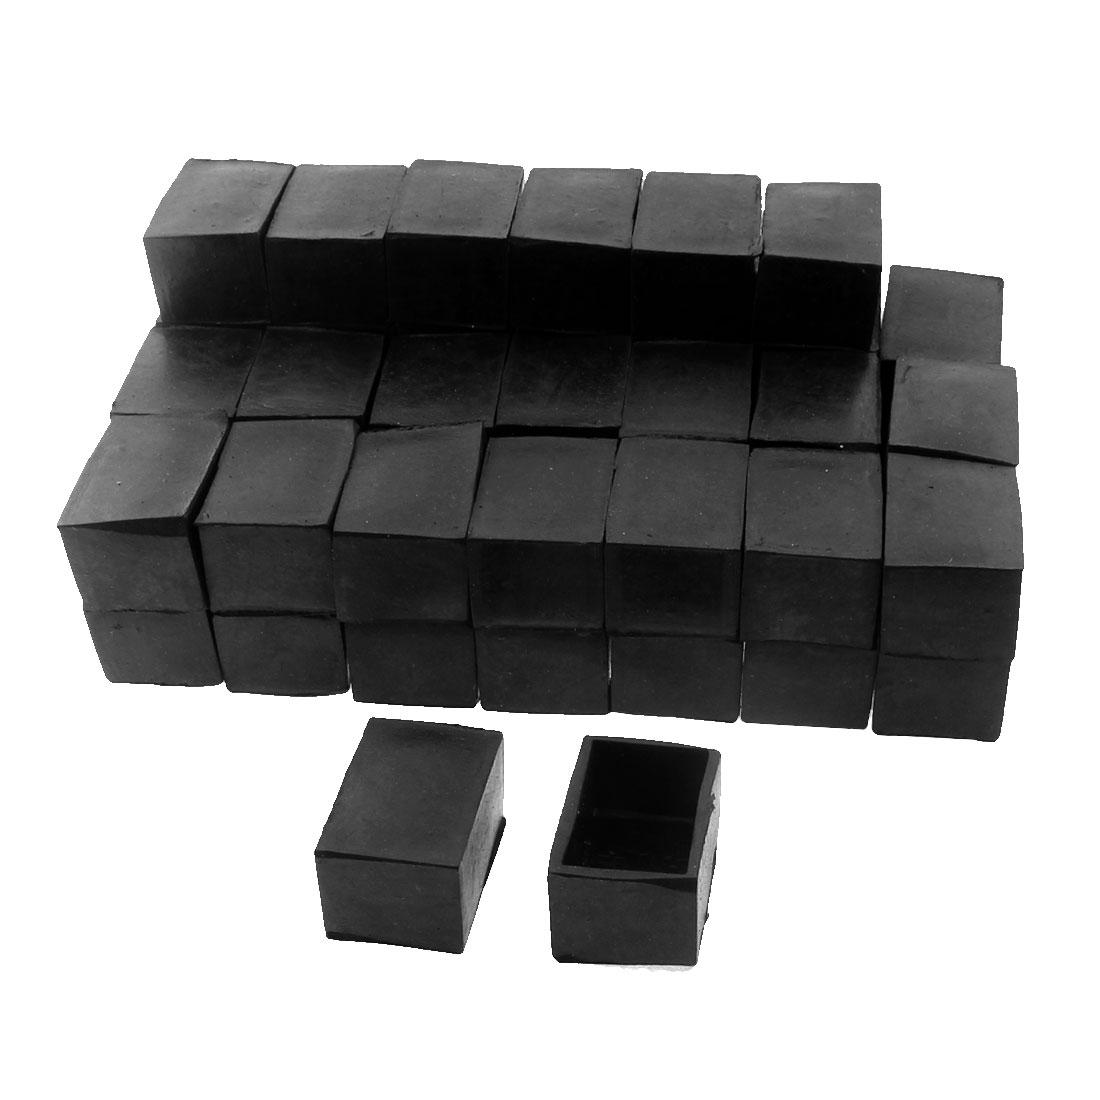 40mm x 25mm Rectangle Shape Furniture Table Desk Foot Leg Rubber End Cap Cover Black 50pcs